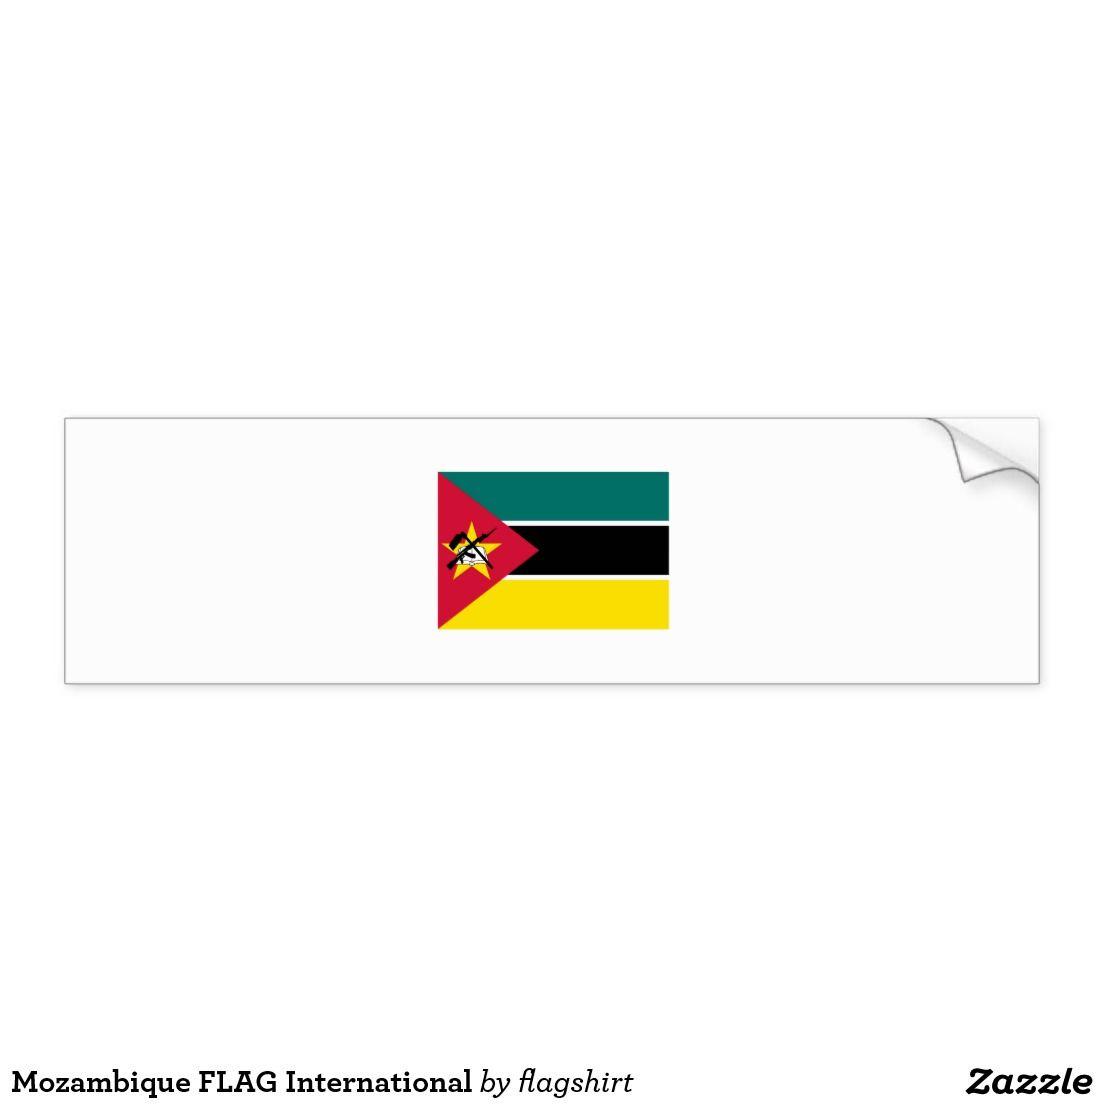 Mozambique Flag International Bumper Sticker Zazzle Com Bumper Stickers Mozambique Flag Strong Adhesive [ 1104 x 1104 Pixel ]